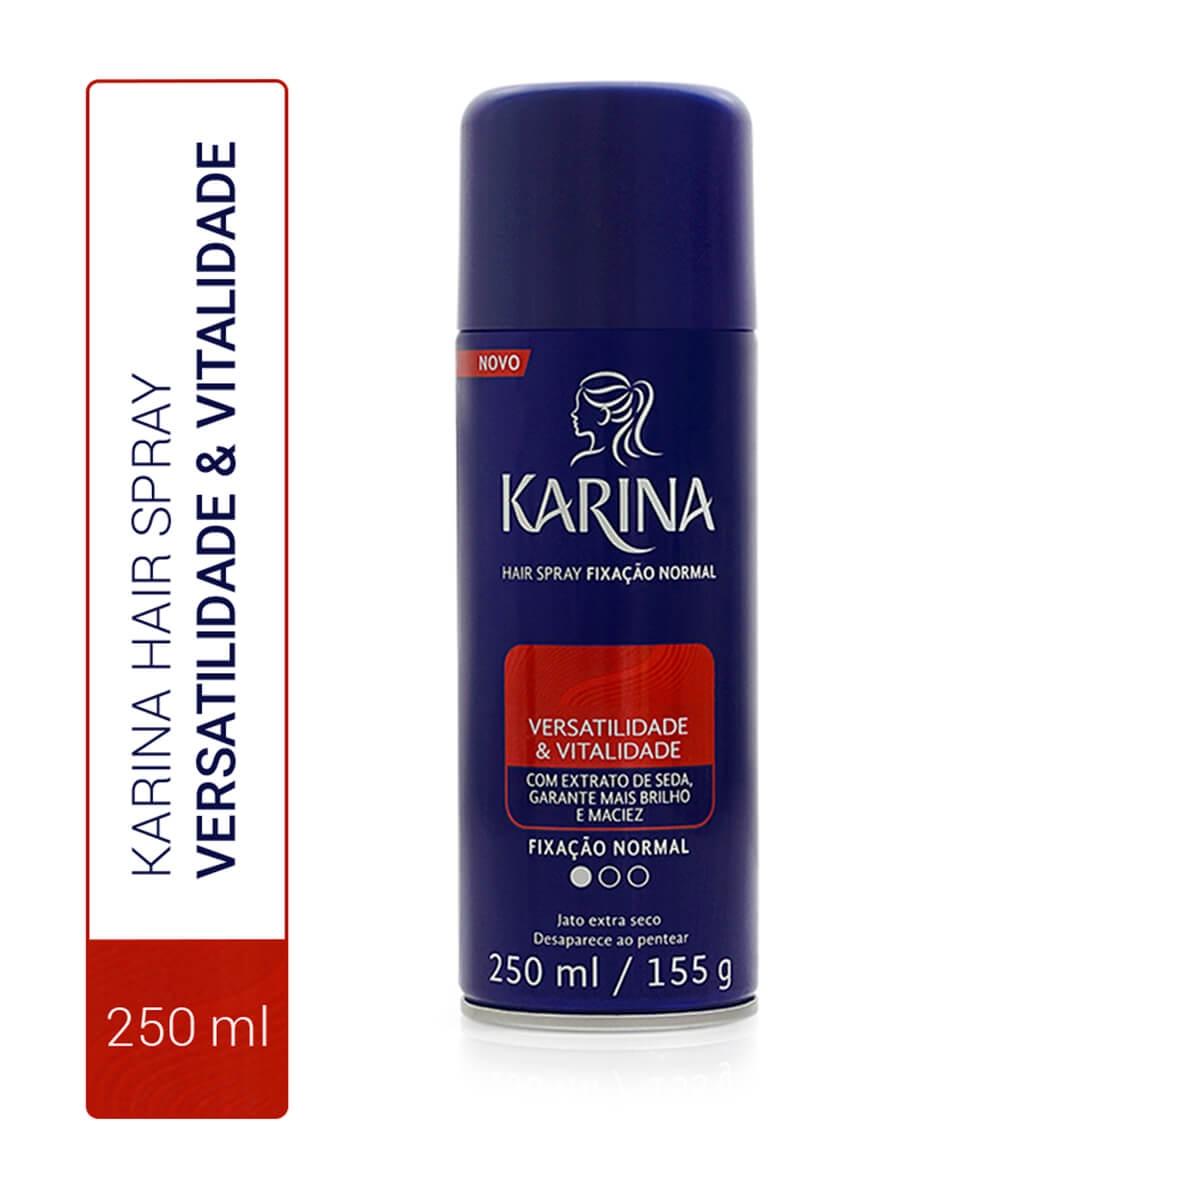 Hair Spray Karina Versatilidade e Vitalidade Fixação Normal 250ml